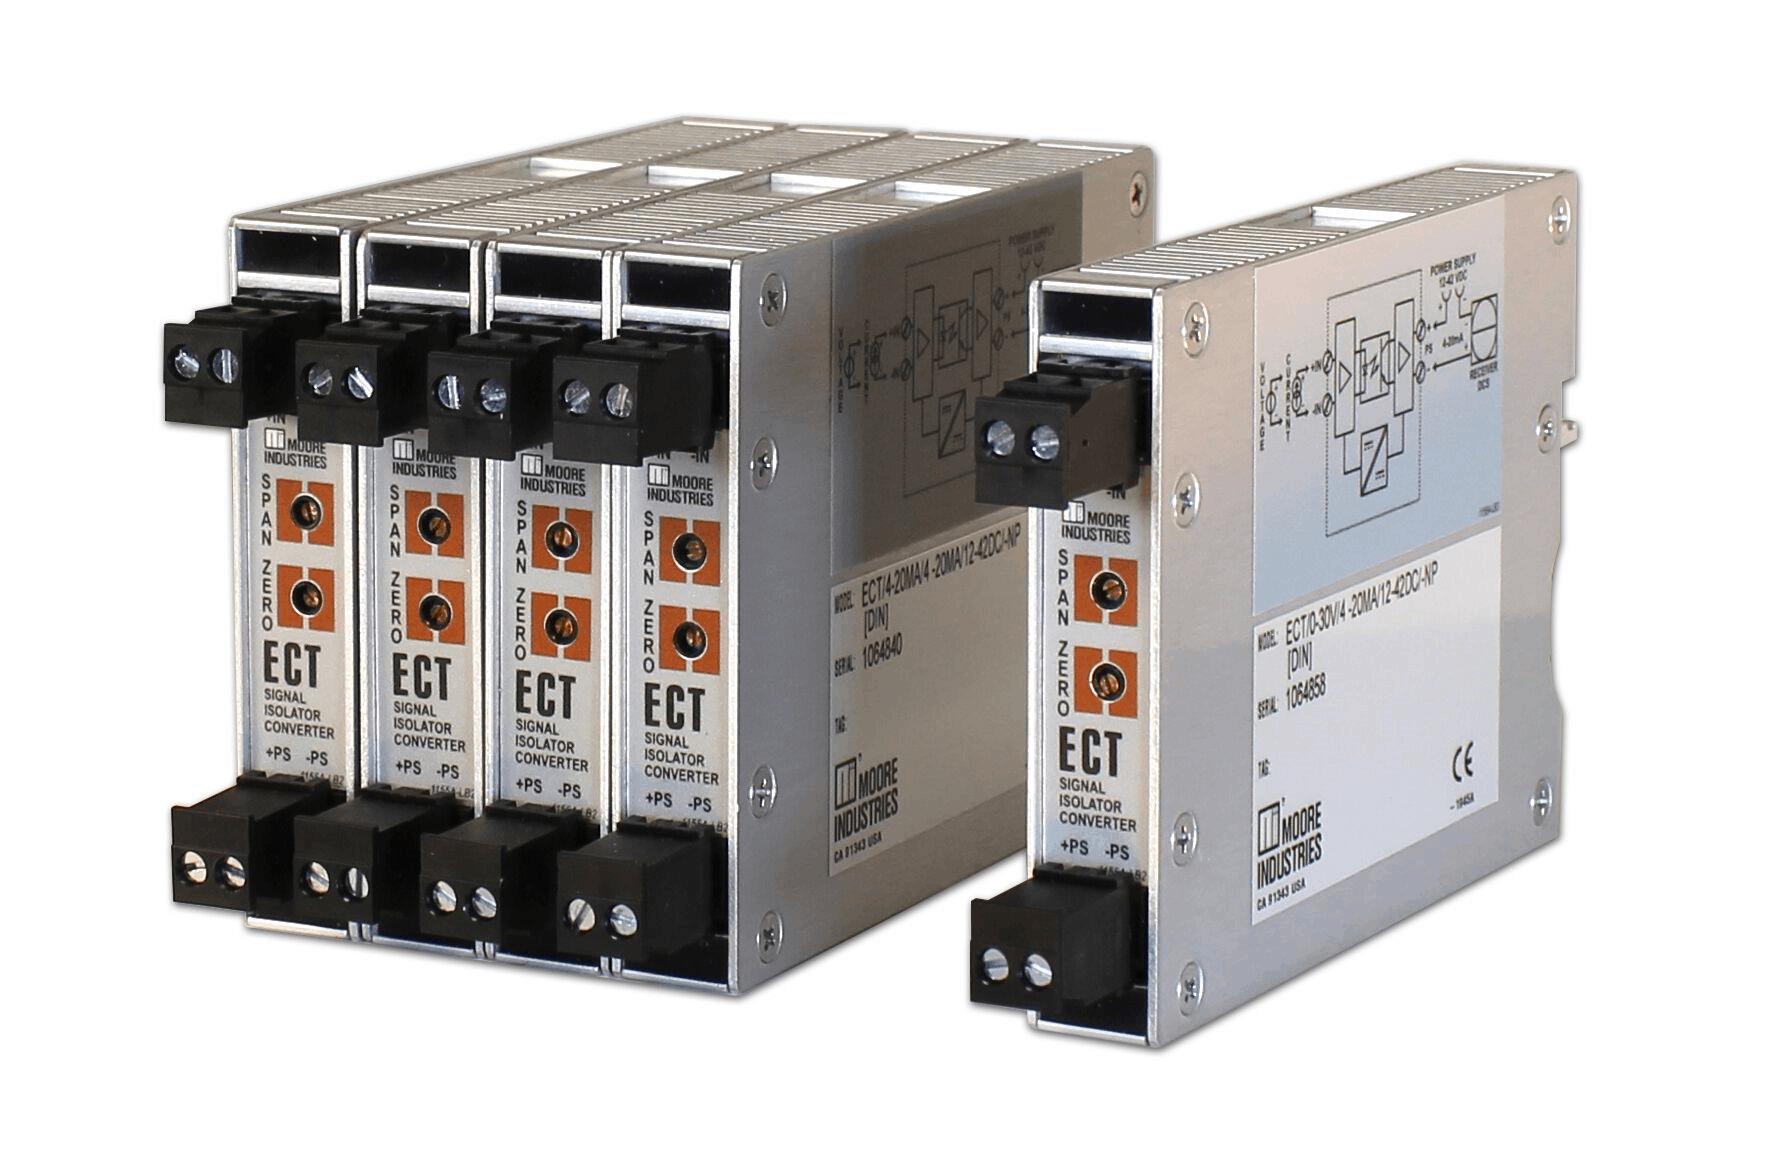 坚固耐用的ECT DIN信号隔离器